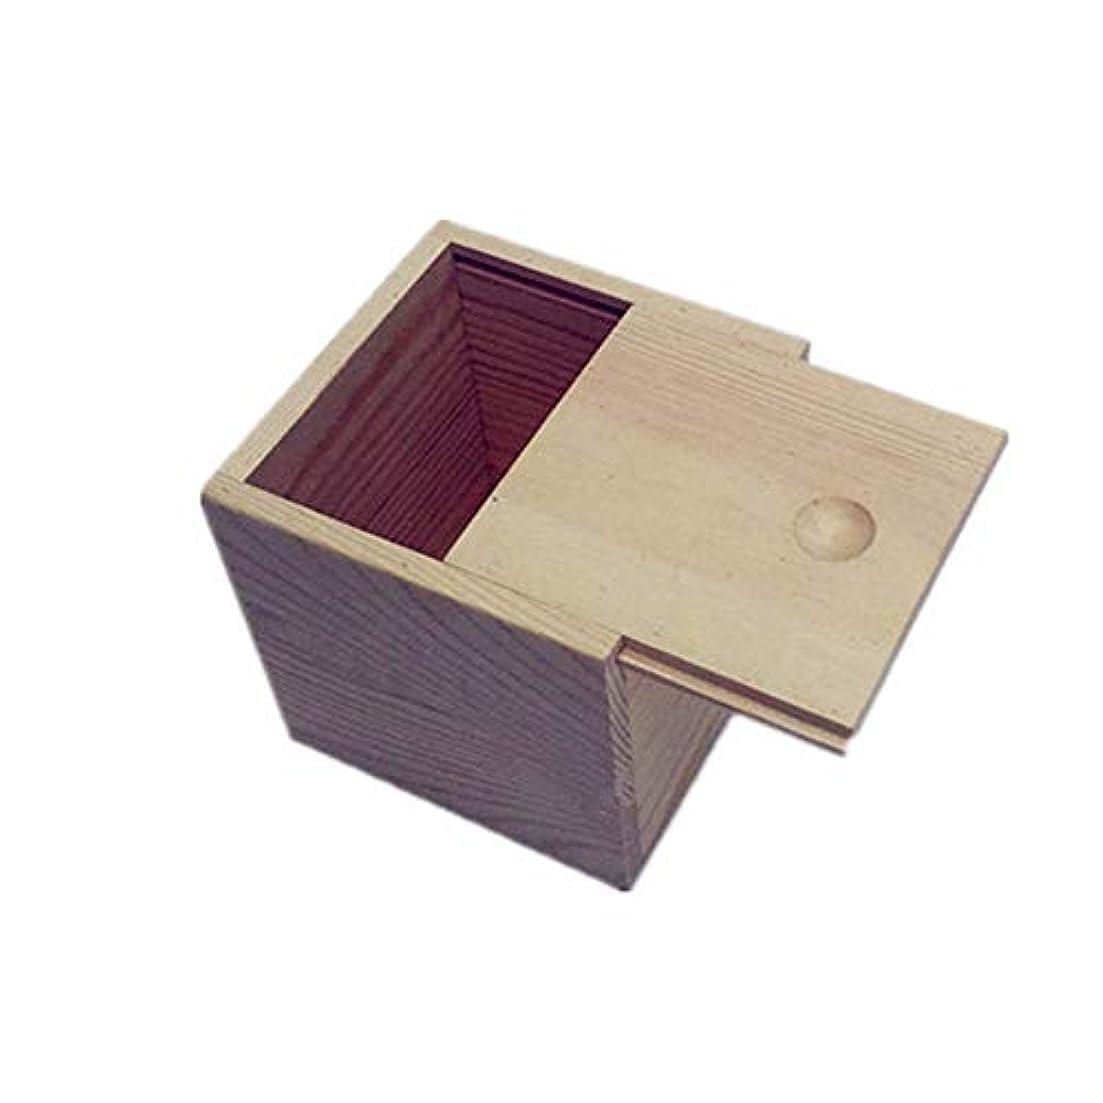 期限想像力豊かなオーチャード木製のエッセンシャルオイルストレージボックス安全なスペースセーバーあなたの油を維持するためのベスト アロマセラピー製品 (色 : Natural, サイズ : 9X9X5CM)